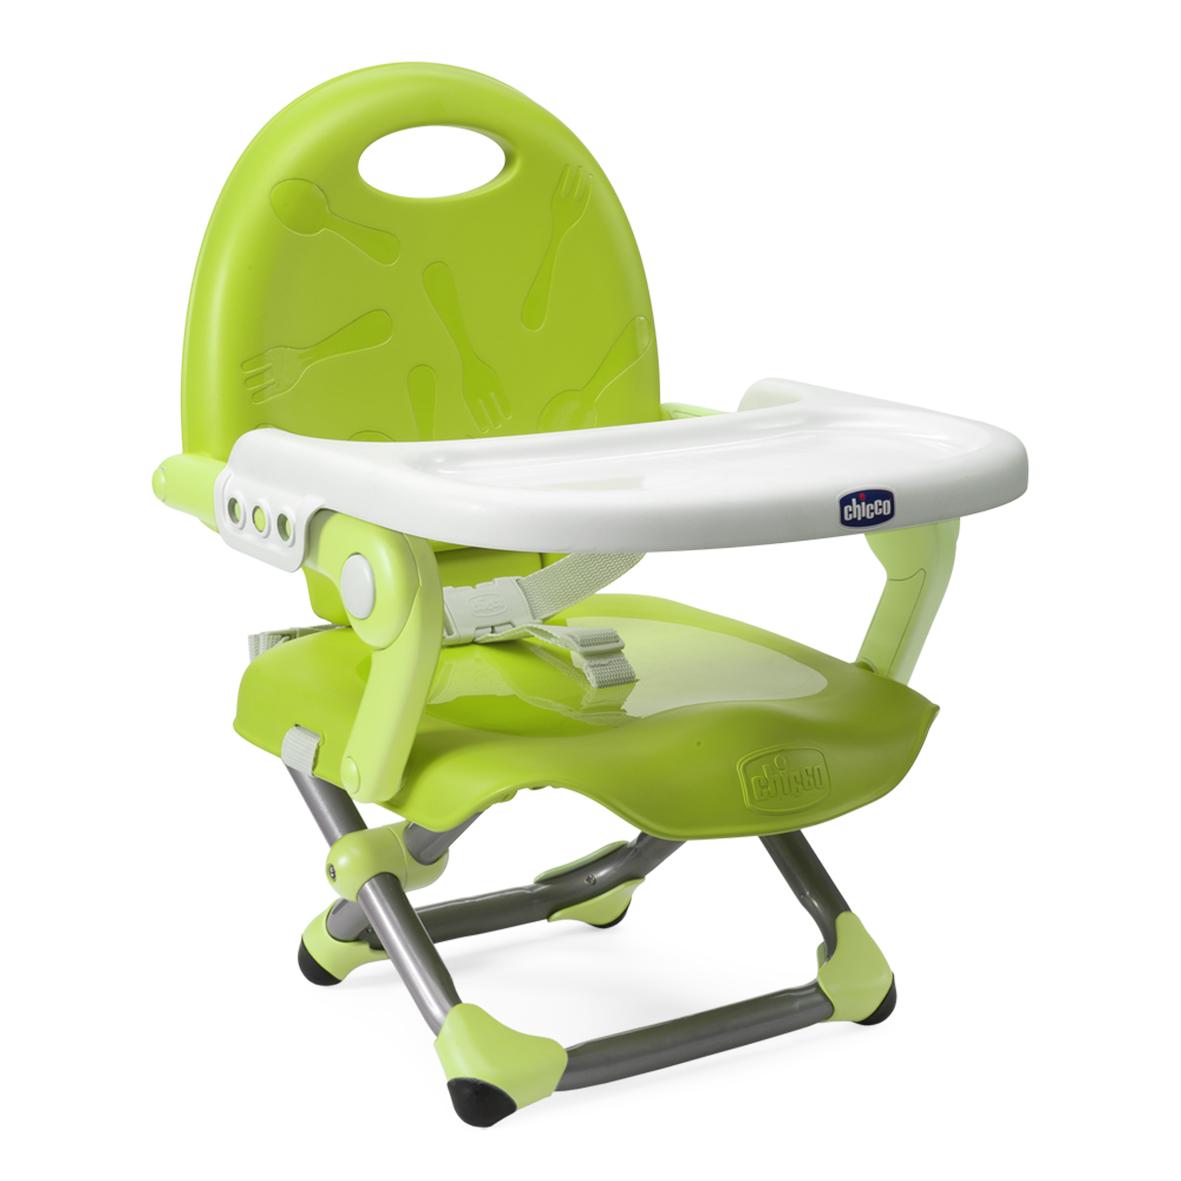 Podsedák prenosný Pocket Snack na stoličku - Lime